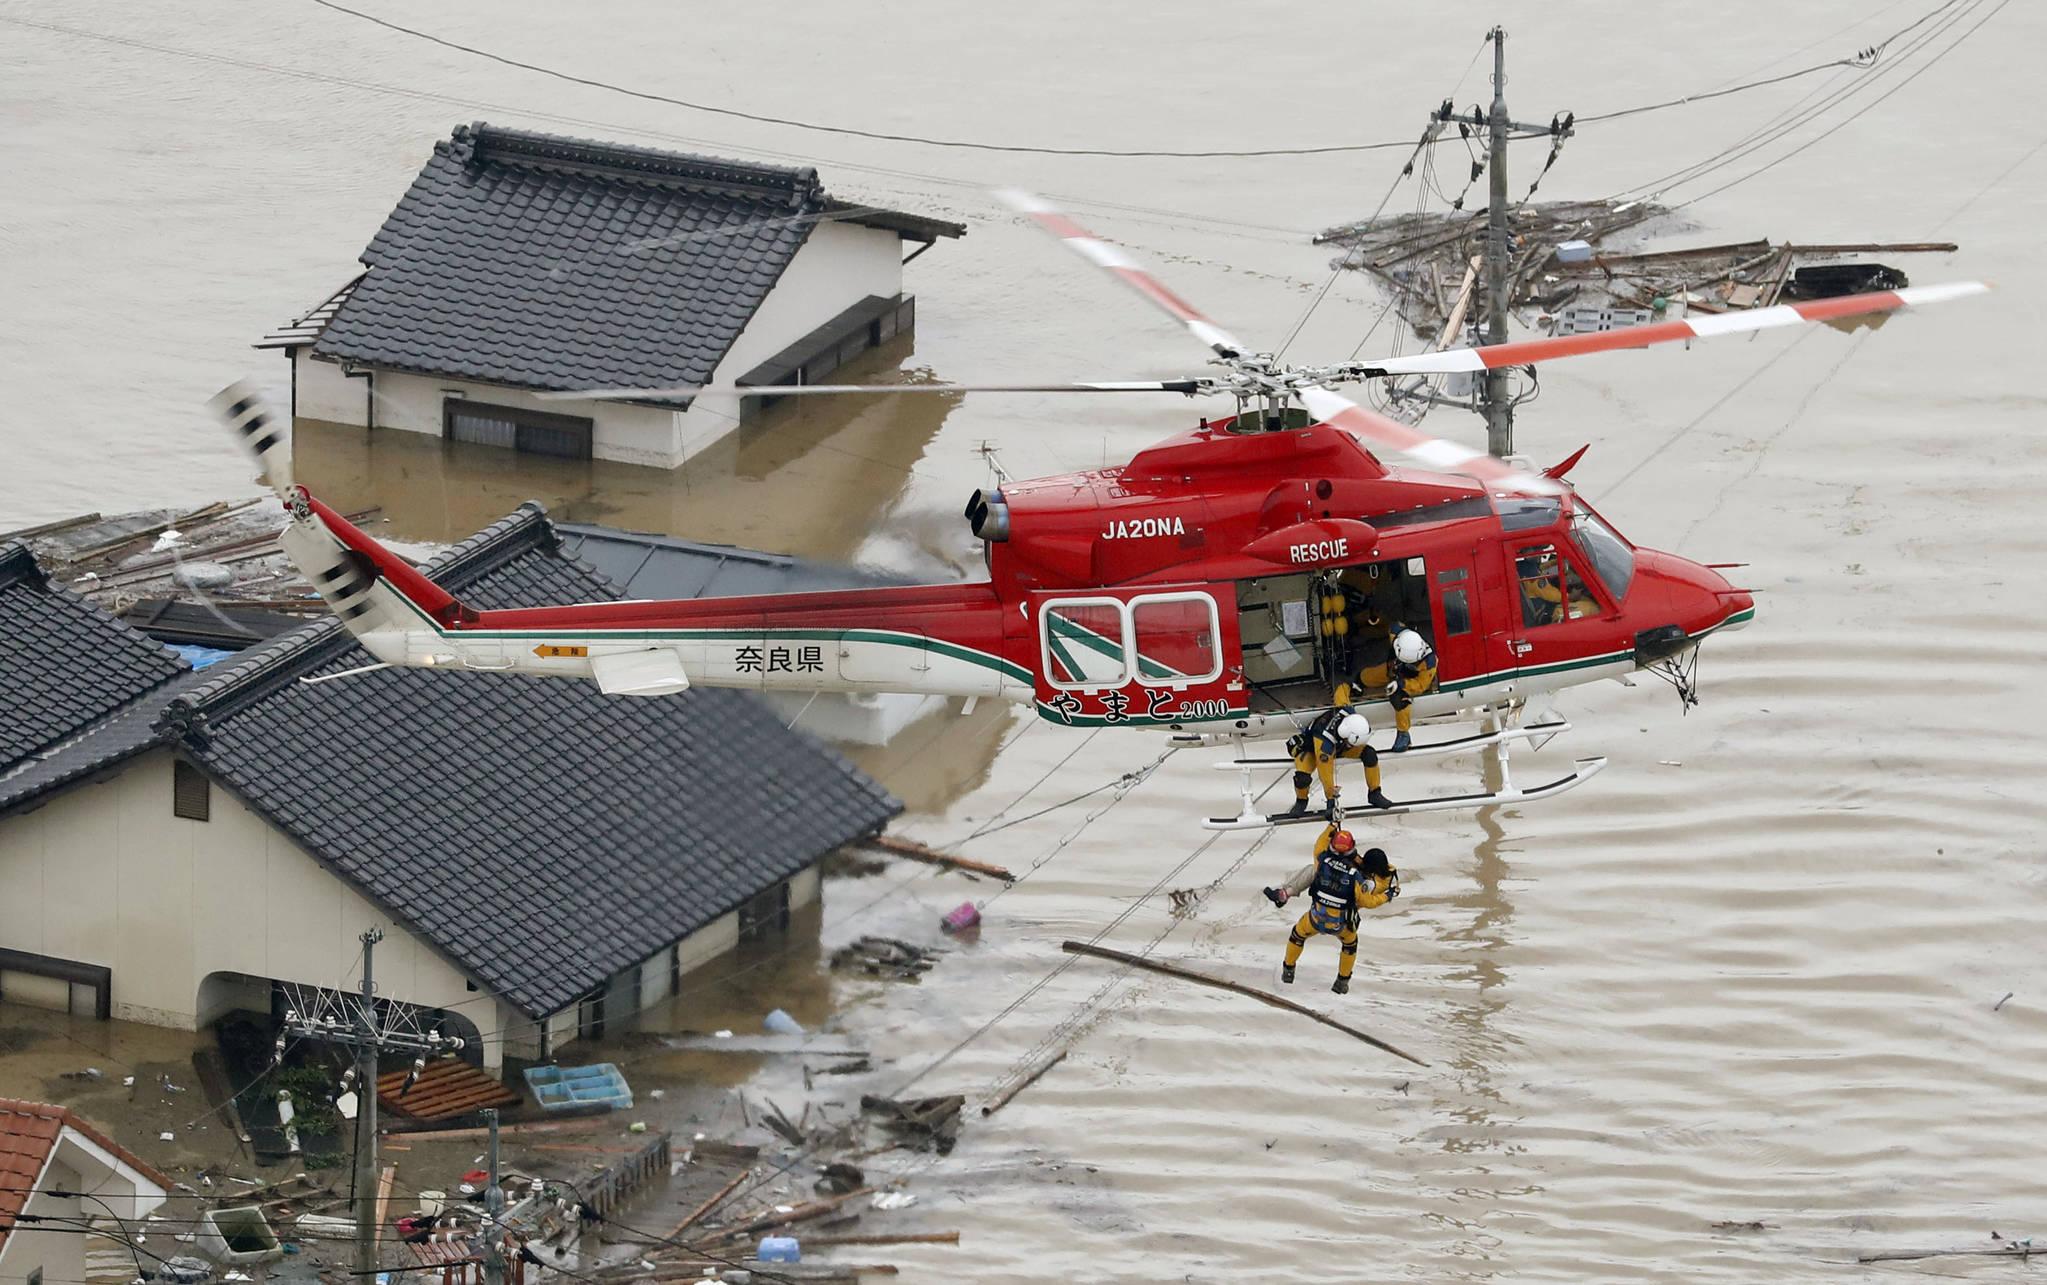 일본 오카야마(岡山)현 구라시키(倉敷)시 마비초(眞備町) 마을이 7일 물에 잠겨있다. 일본 서남부 지역에는 48시간 최고 650㎜에 이르는 폭우가 쏟아졌다. [AP 연합]